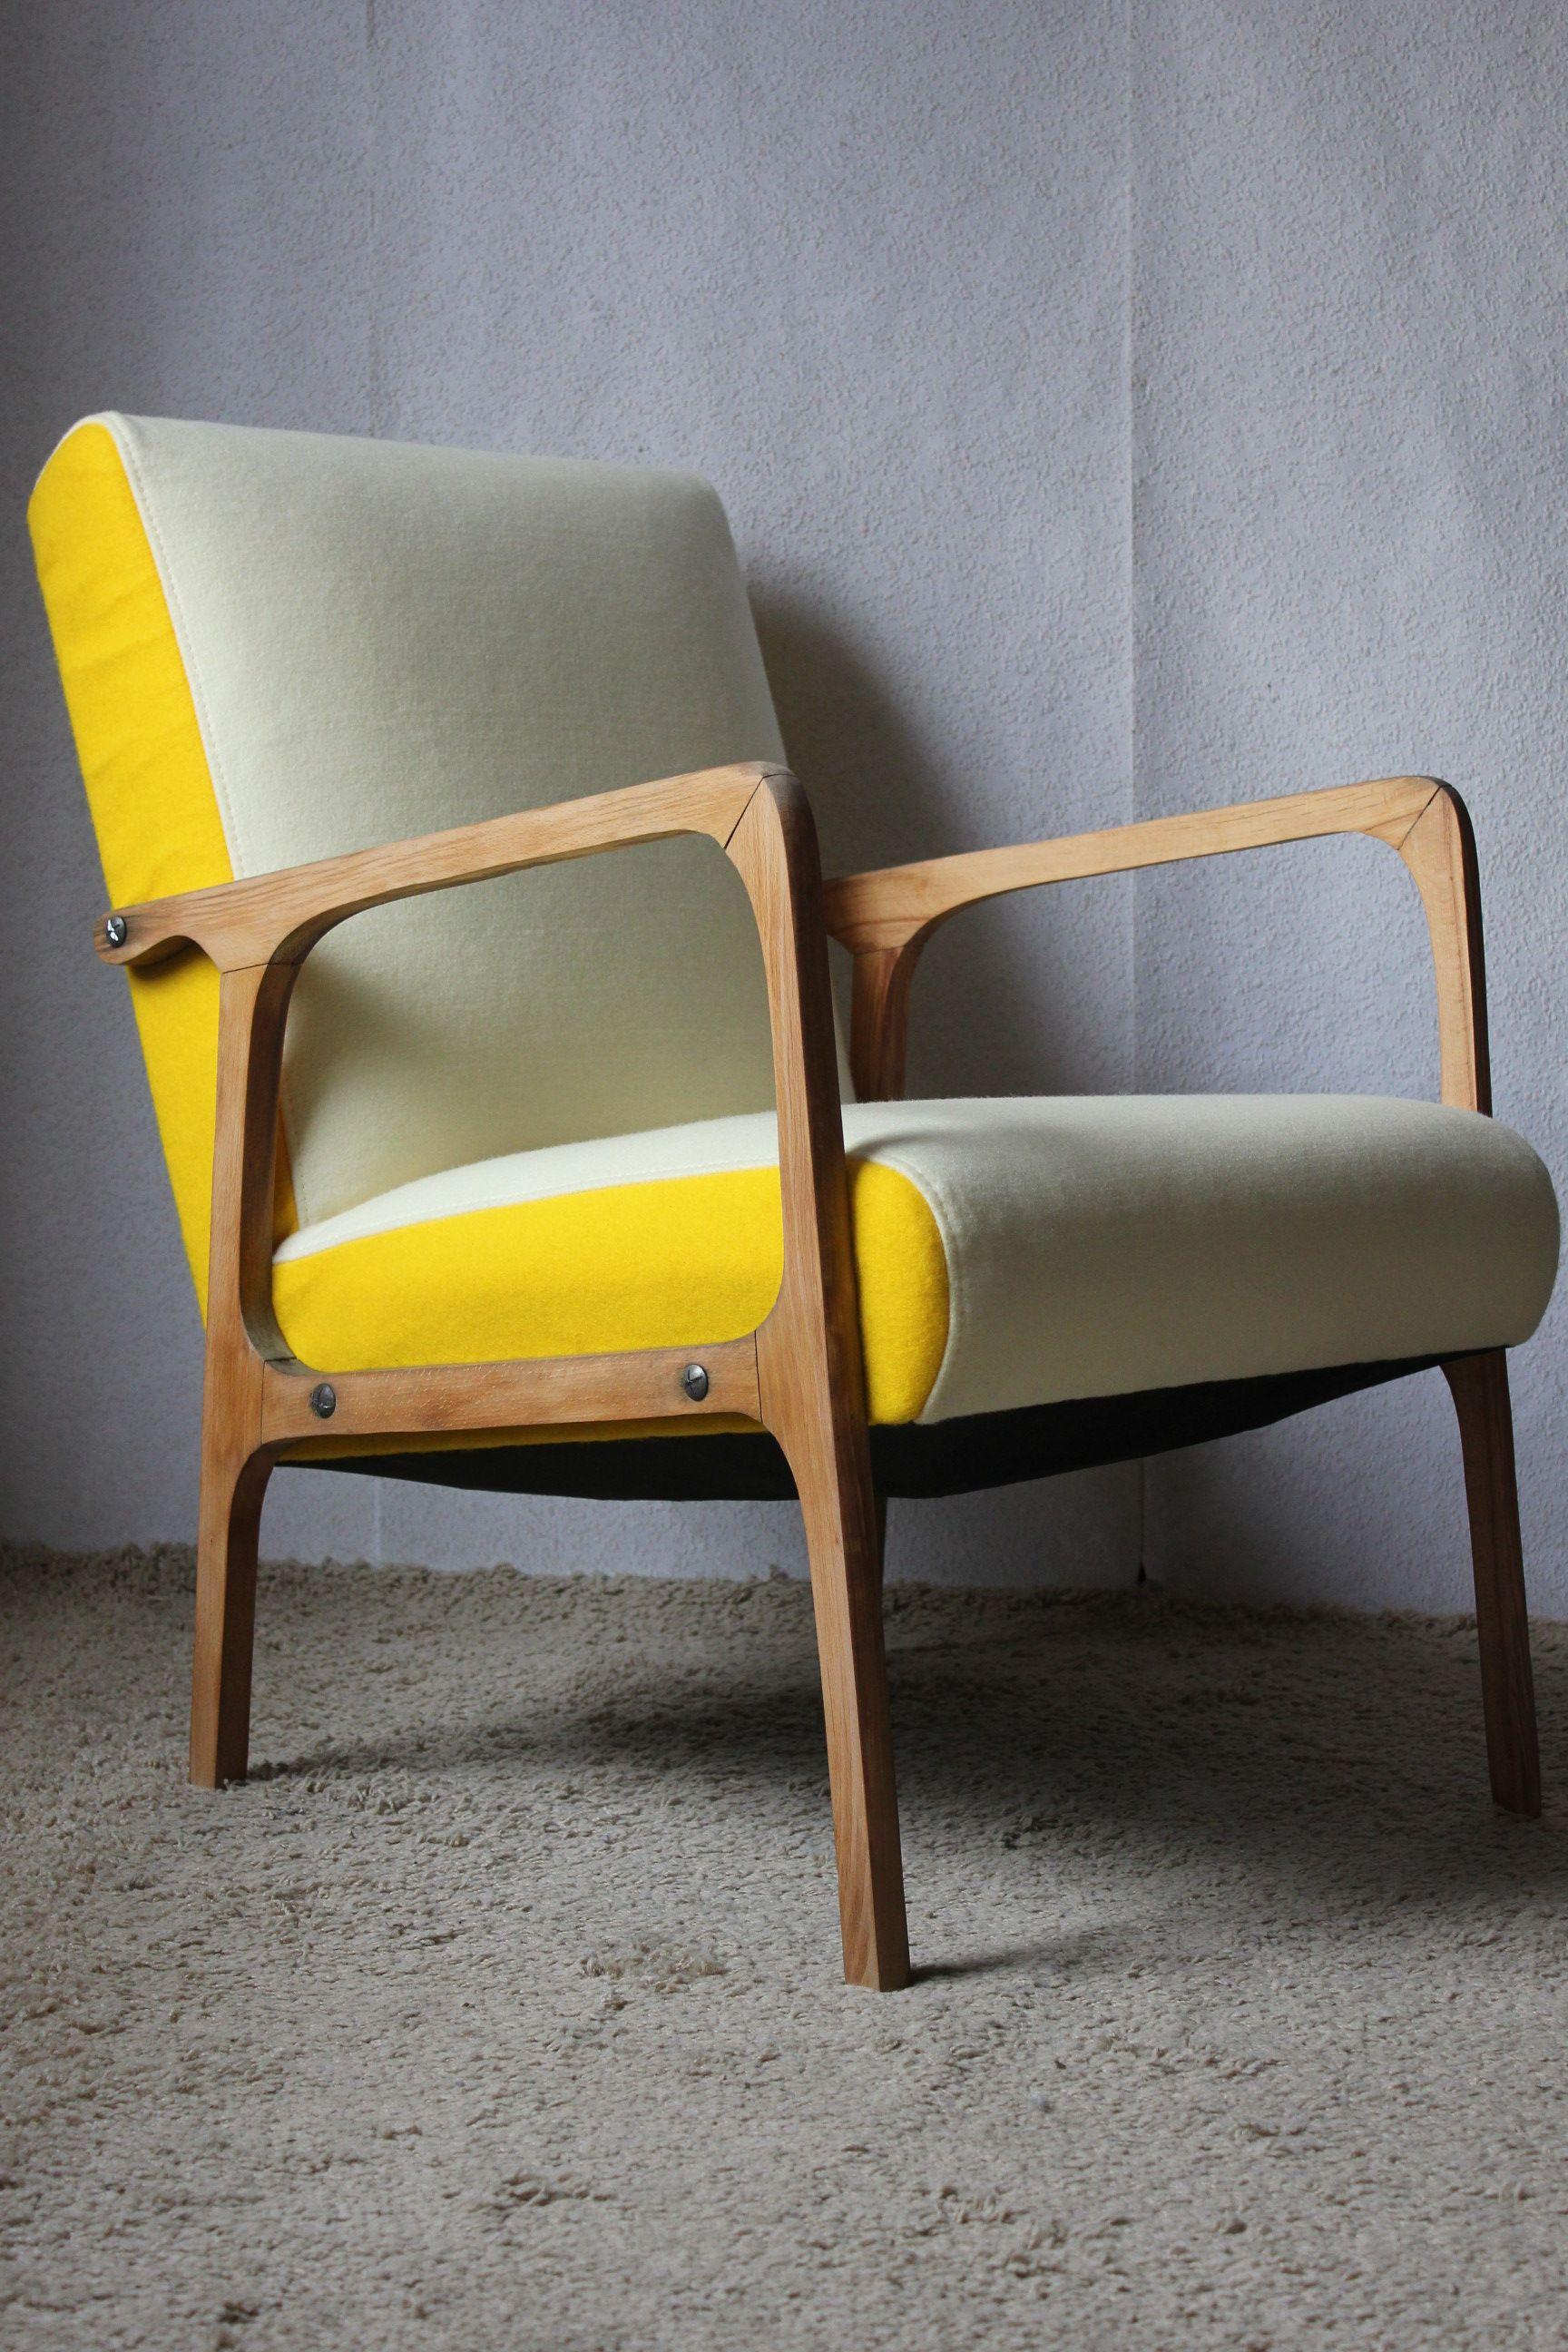 Amüsant Sessel Bequem Sammlung Von Concept #renowacja # #loft #design #bequem #bequemer